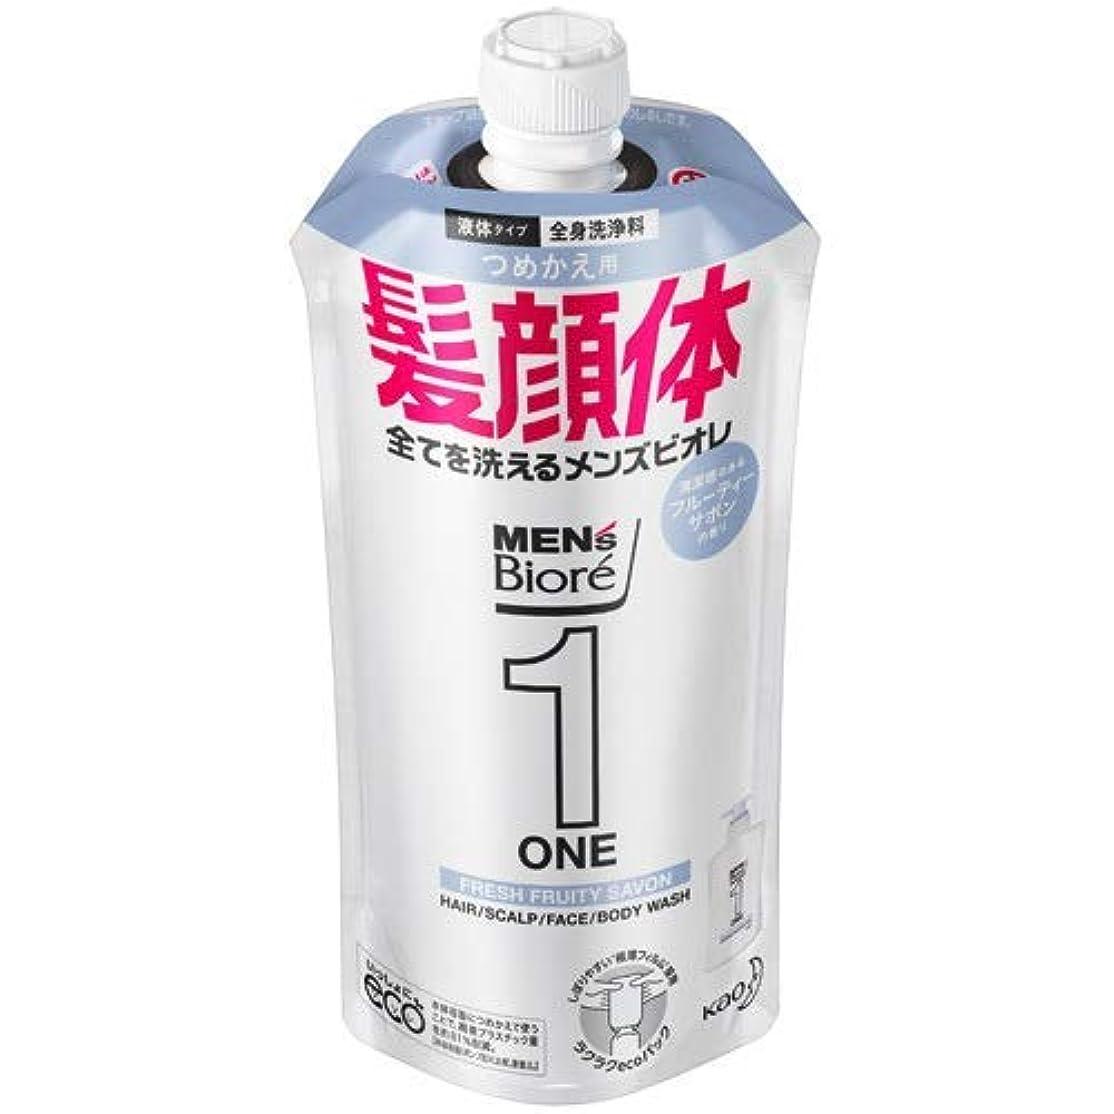 瞑想ジェームズダイソン電話をかける【10個セット】メンズビオレONE オールインワン全身洗浄料 清潔感のあるフルーティーサボンの香り つめかえ用 340mL